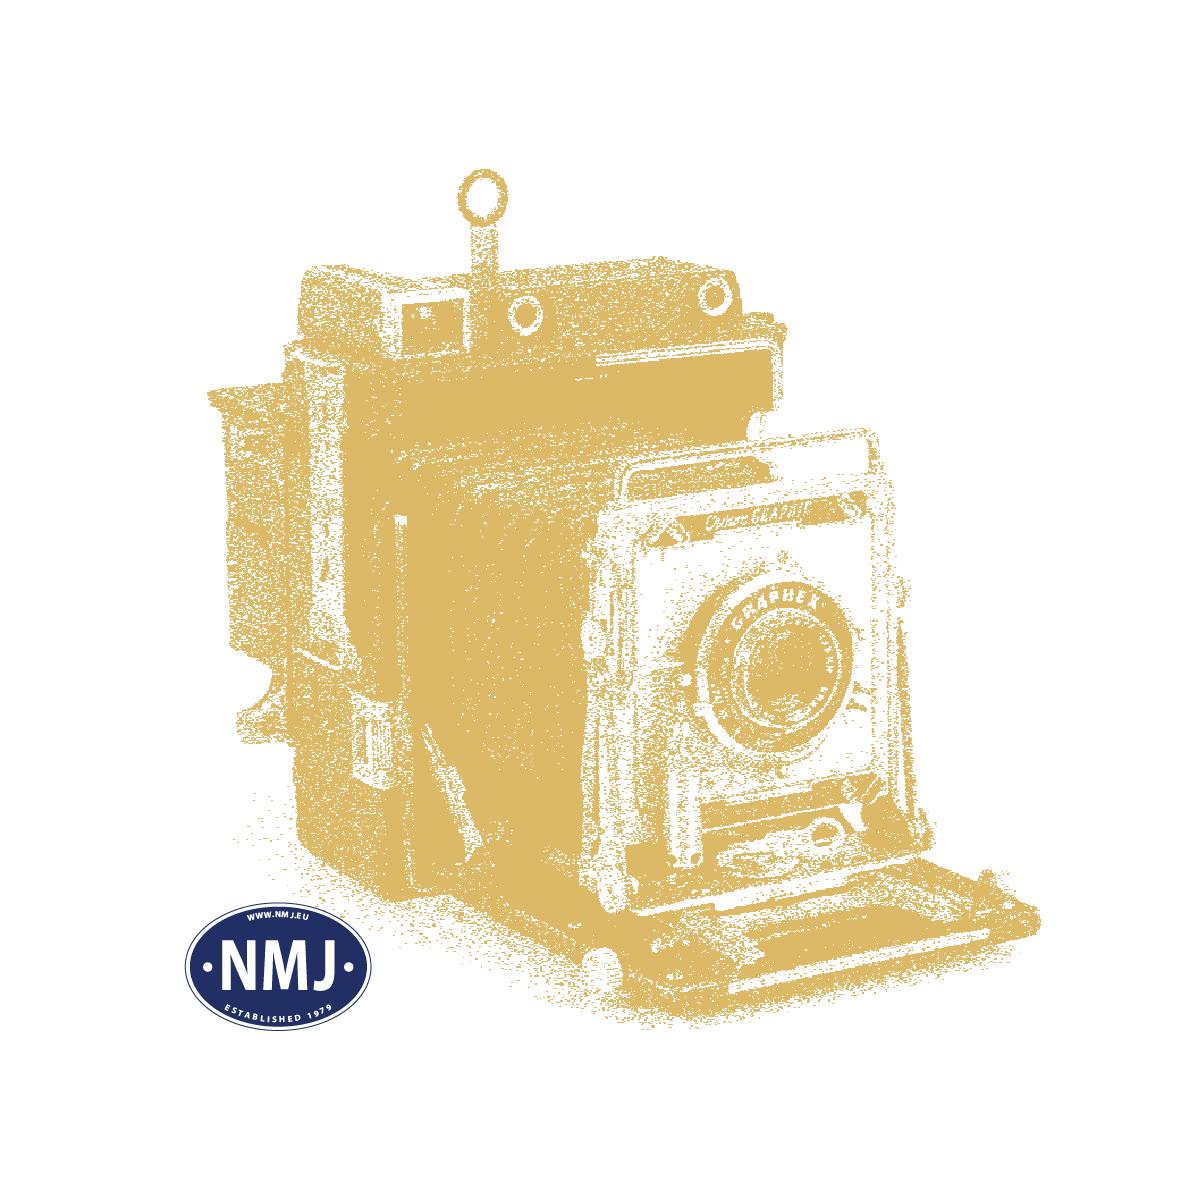 NMJT502.107 - NMJ Topline NSB Stakevogn Kbps m/ tømmerlast